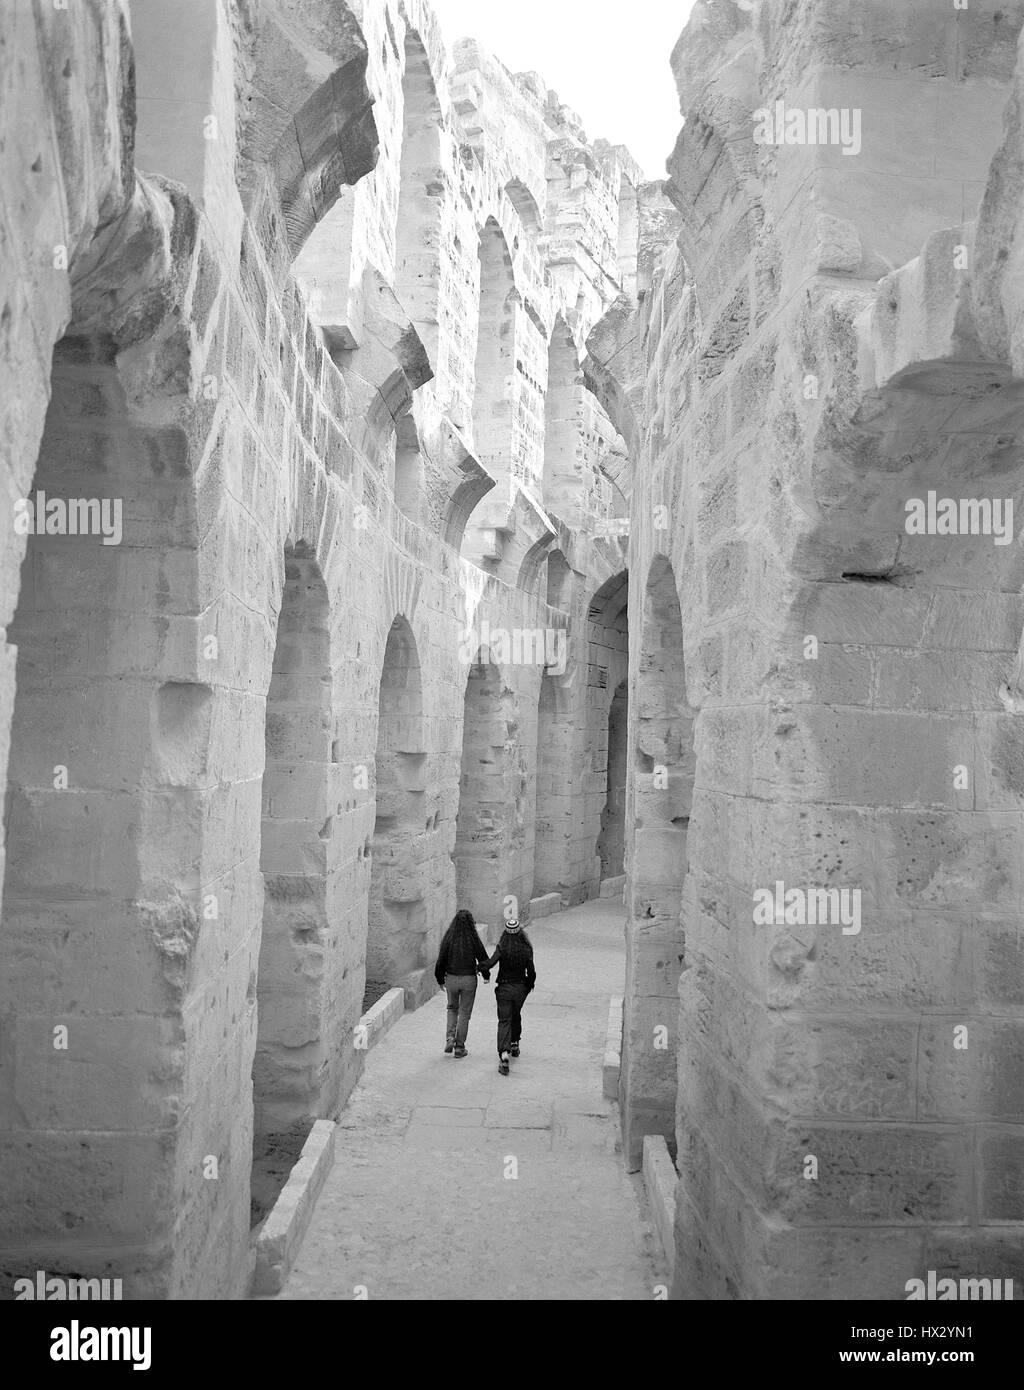 Interior del Coliseo de El Jem, Túnez Central, Norte de África Imagen De Stock